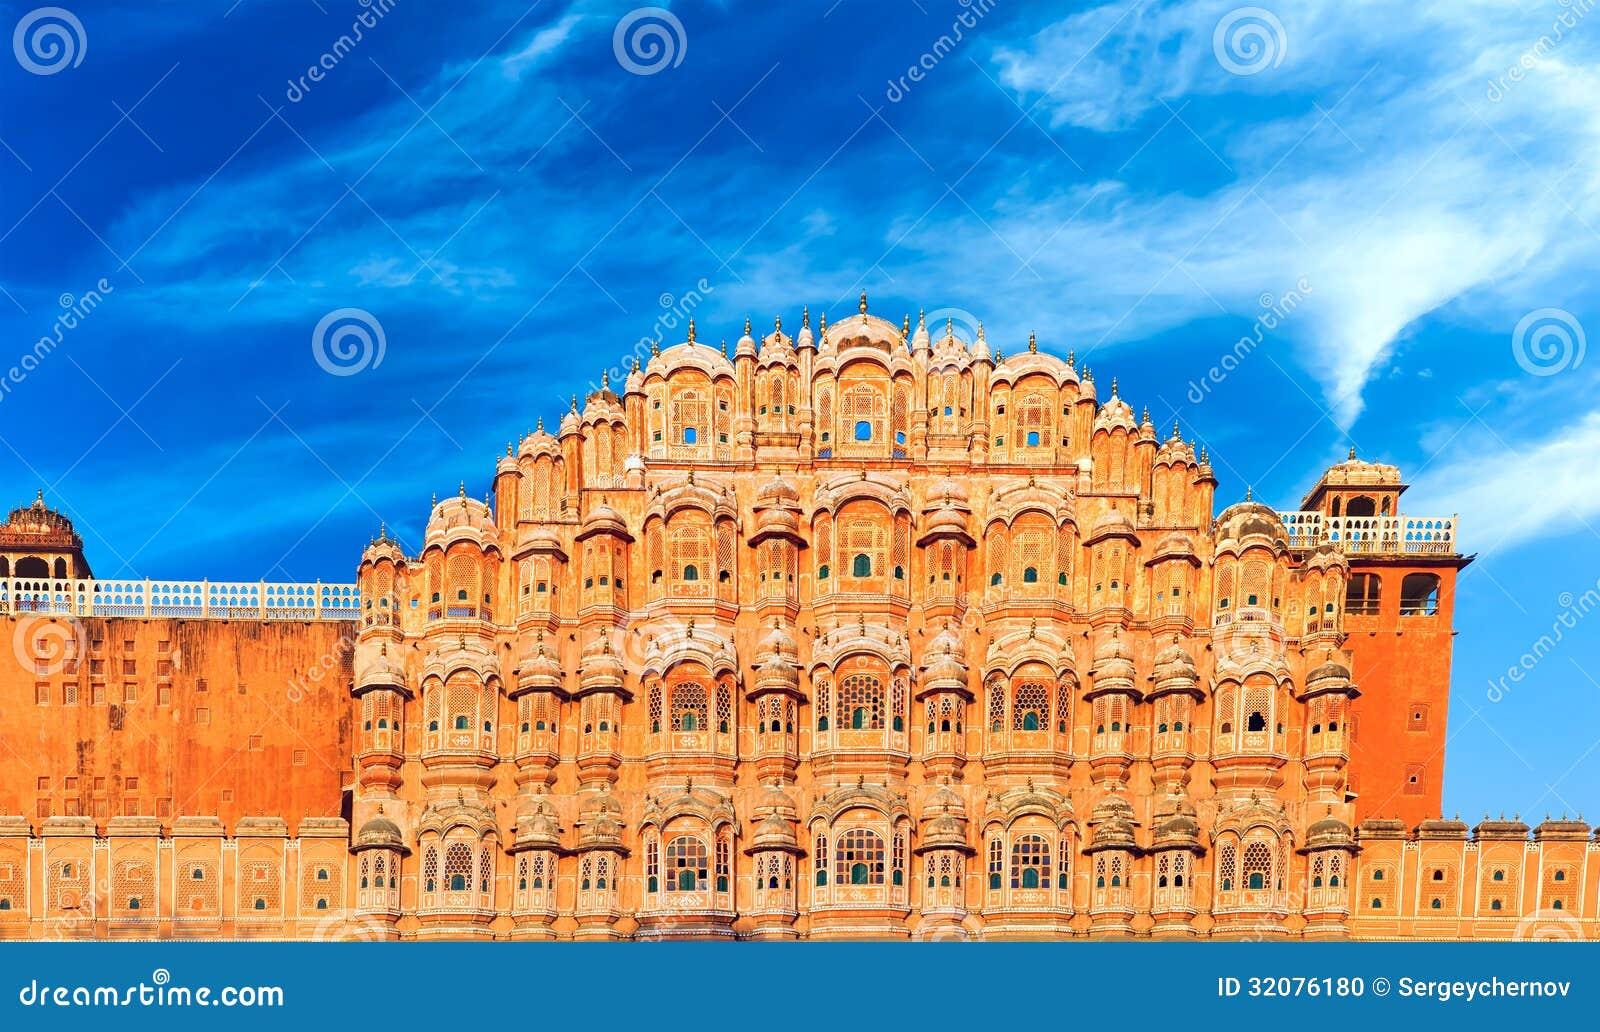 Hawa Mahal Palace in India, Rajasthan, Jaipur. Paleis van Winden